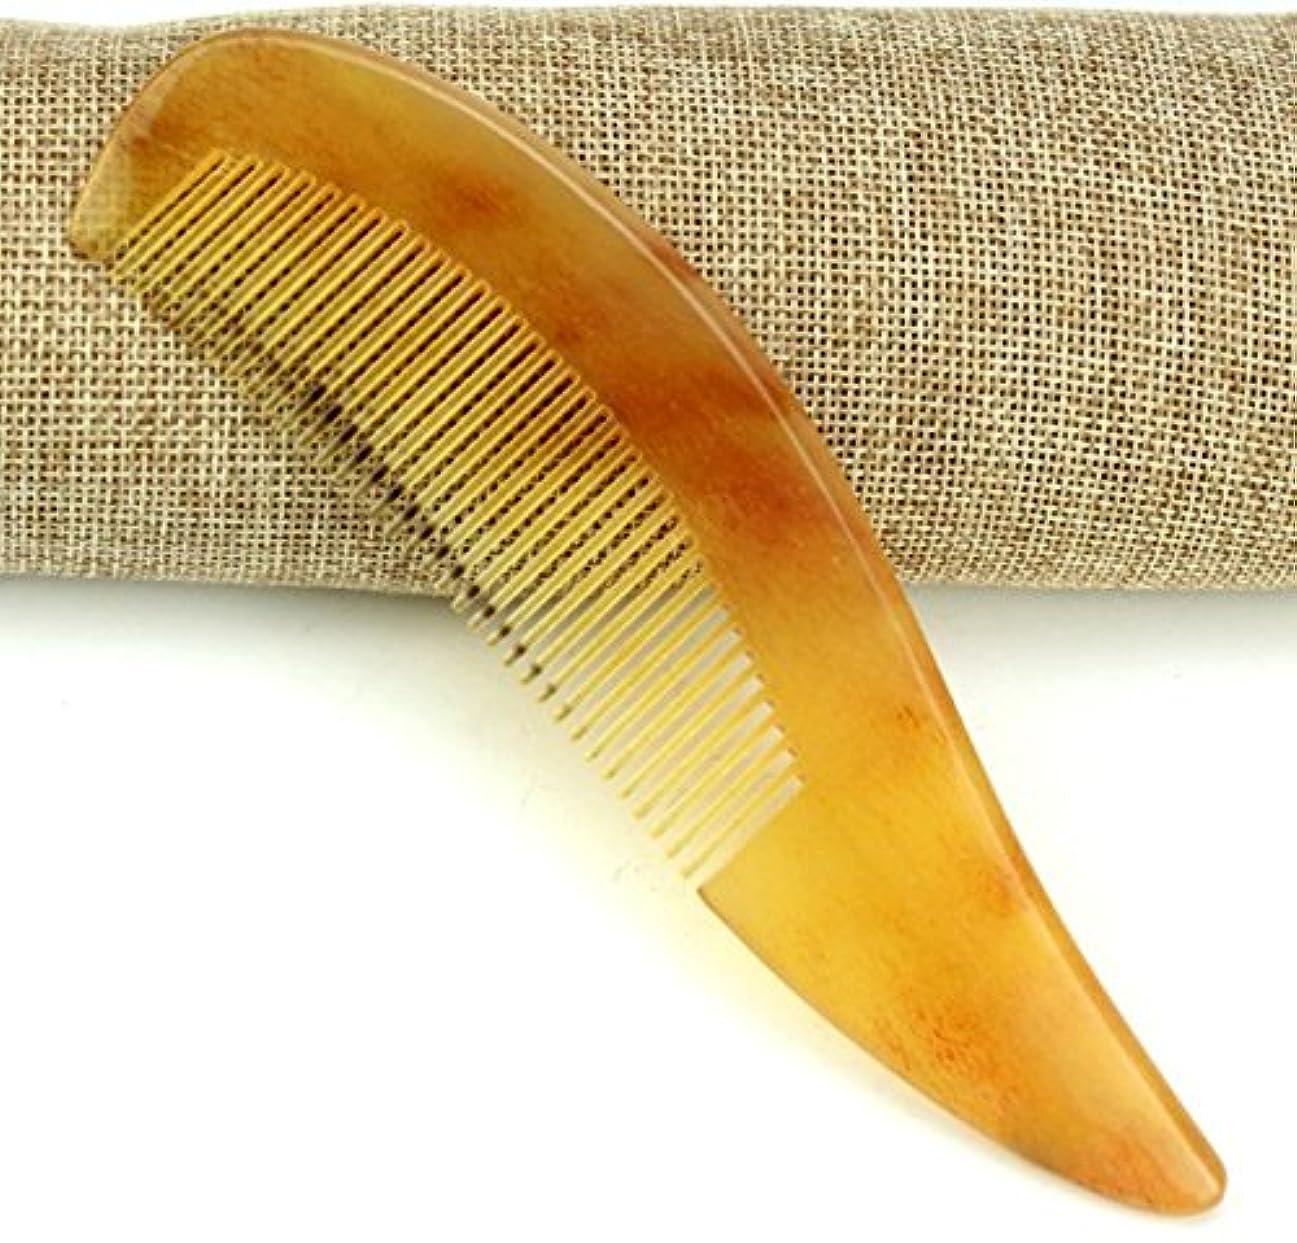 クランシー免疫する遡る櫛型 プロも使う羊角かっさプレート マサージ用 血行改善 高級 天然 静電気防止 美髪 美顔 ボディ リンパマッサージ